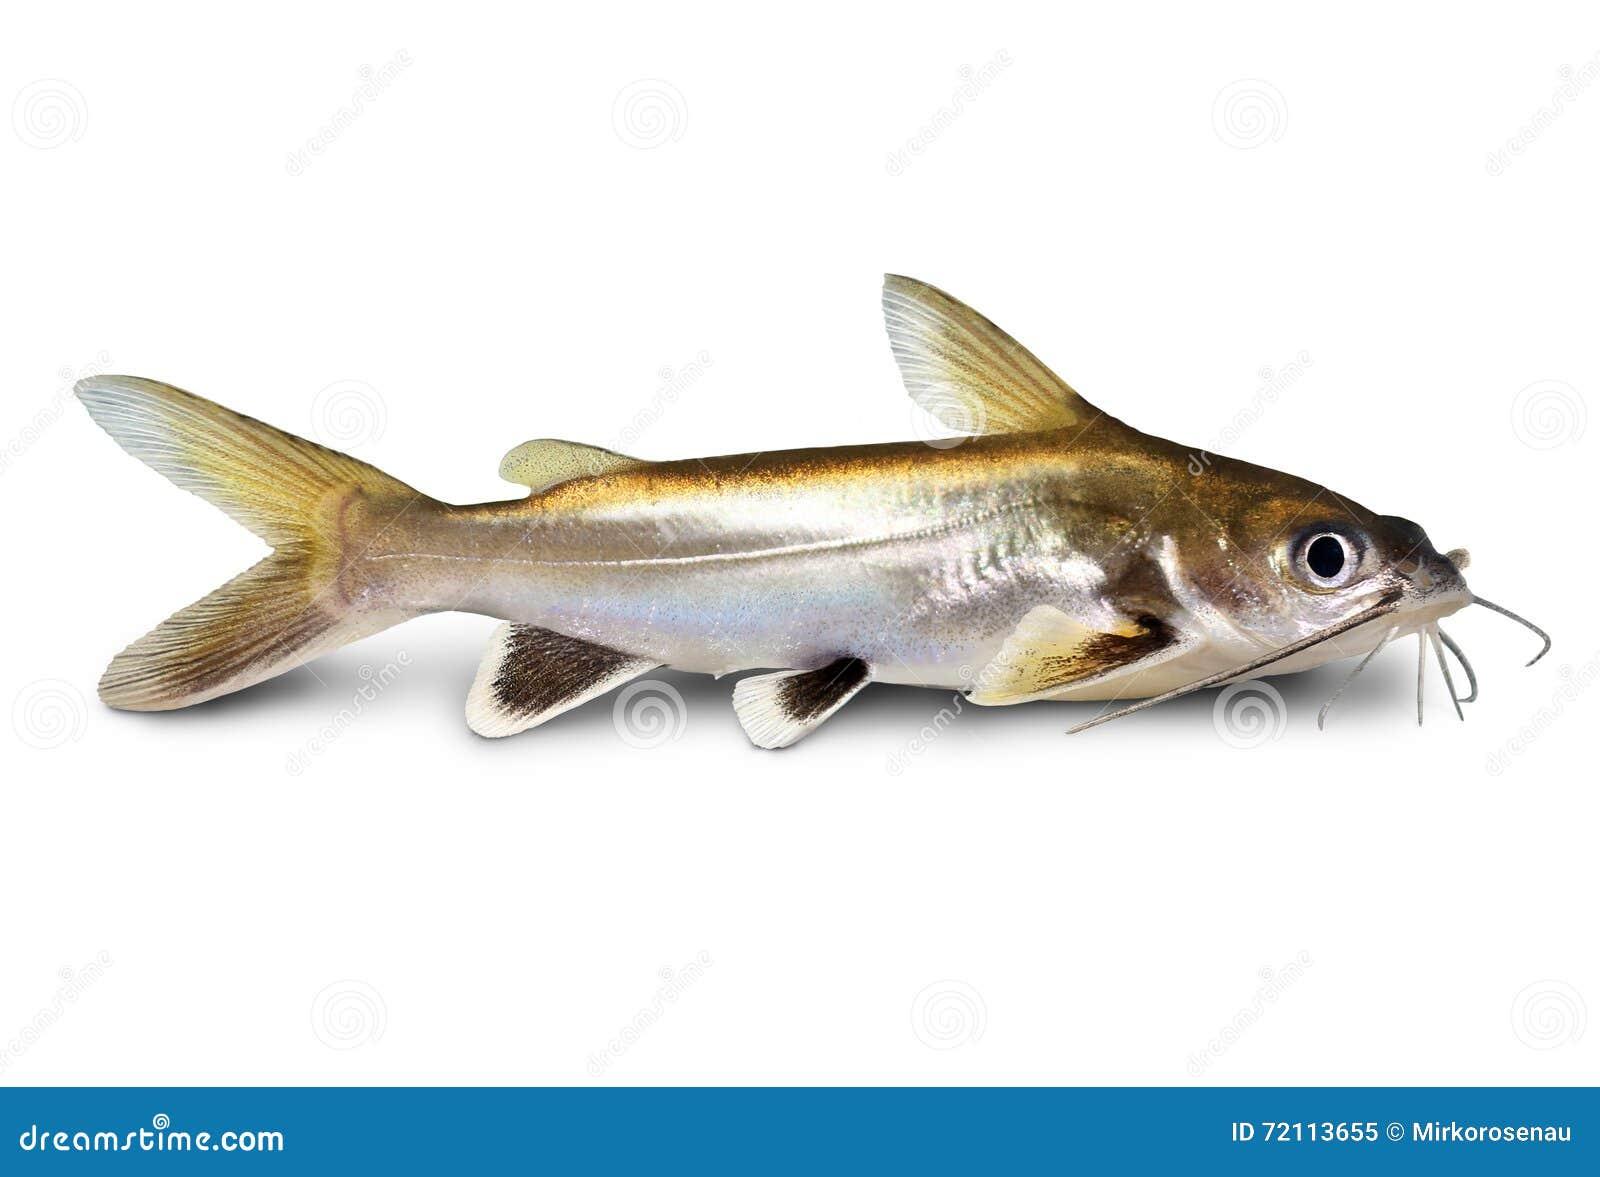 Pesce Argento Fornito Di Punta Dellacquario Fornito Di Punta